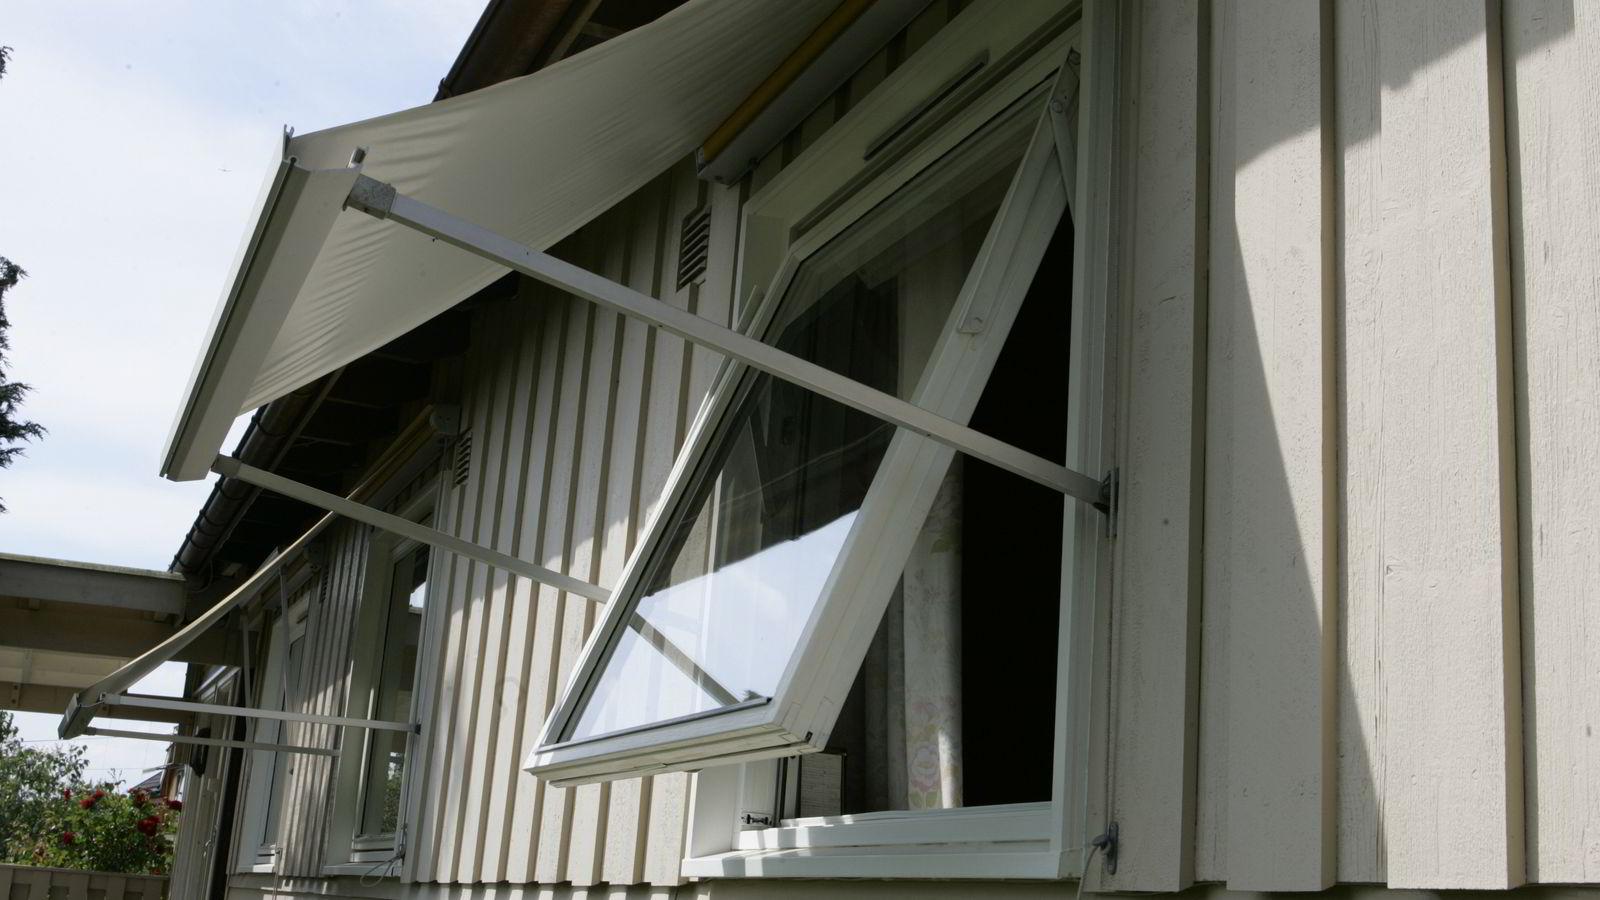 BOLIGINNBRUDD: Et åpent vindu er er en invitasjon til eventuelle tyver. Foto: Terje Bendiksby/